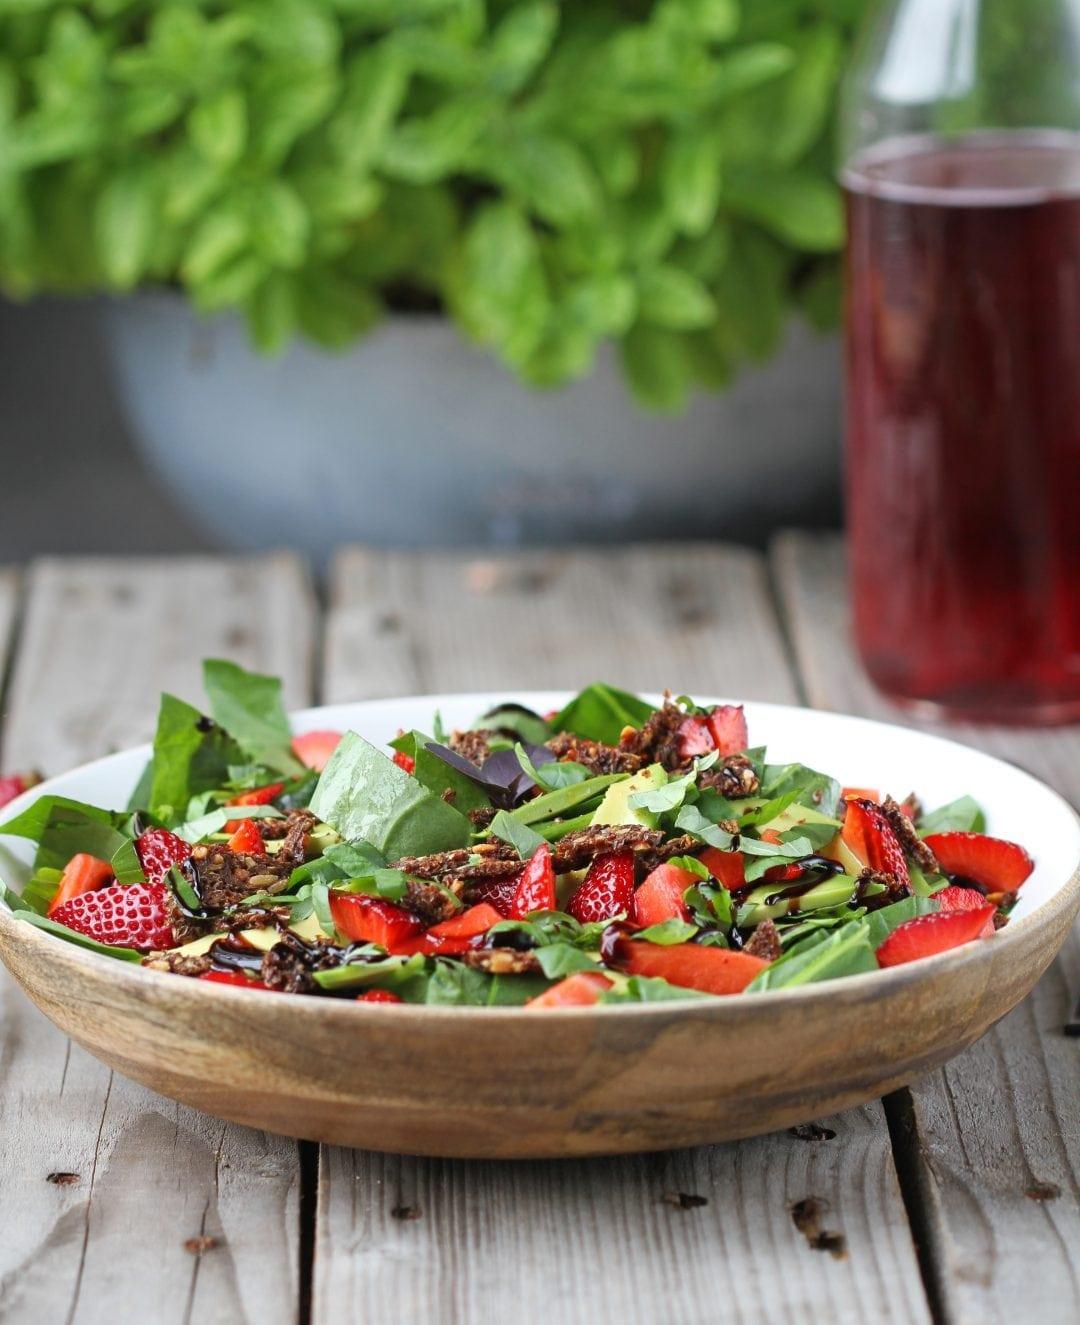 jordbær og spinat salat - sommer salat opskrift